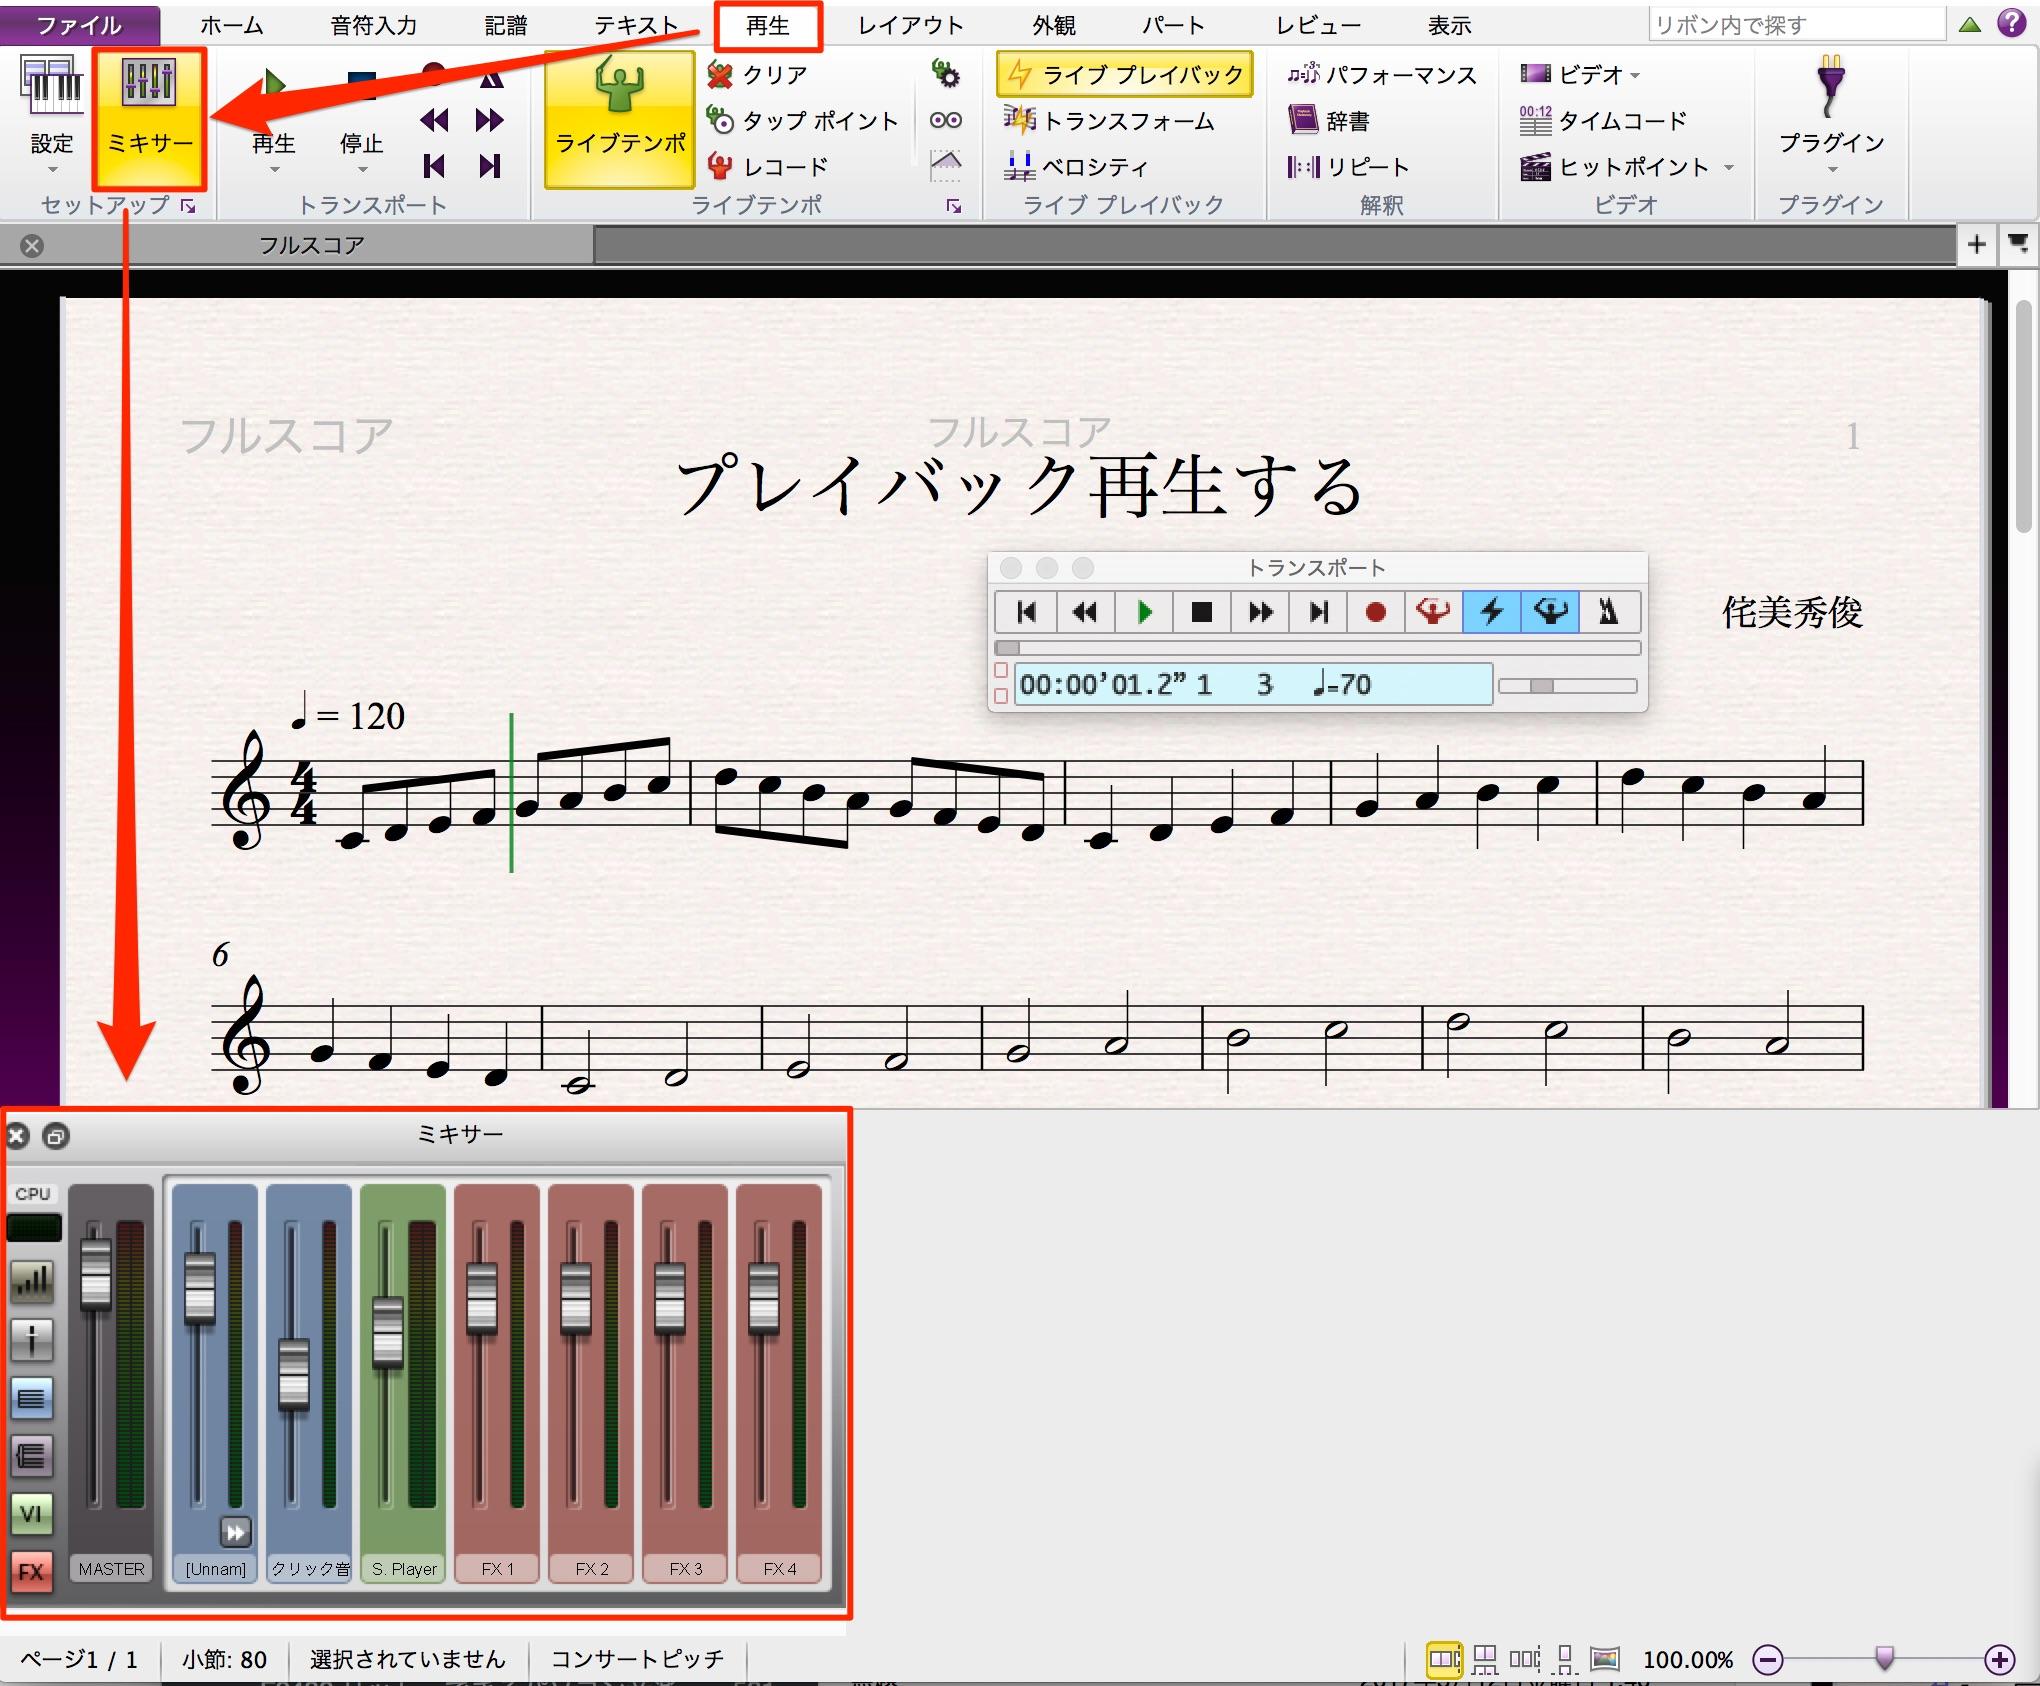 トランスポート_と_無題_と_Sibeliusの使い方初級_侘美_—_Evernote_と_受信(18件のメッセージ、未開封1件)